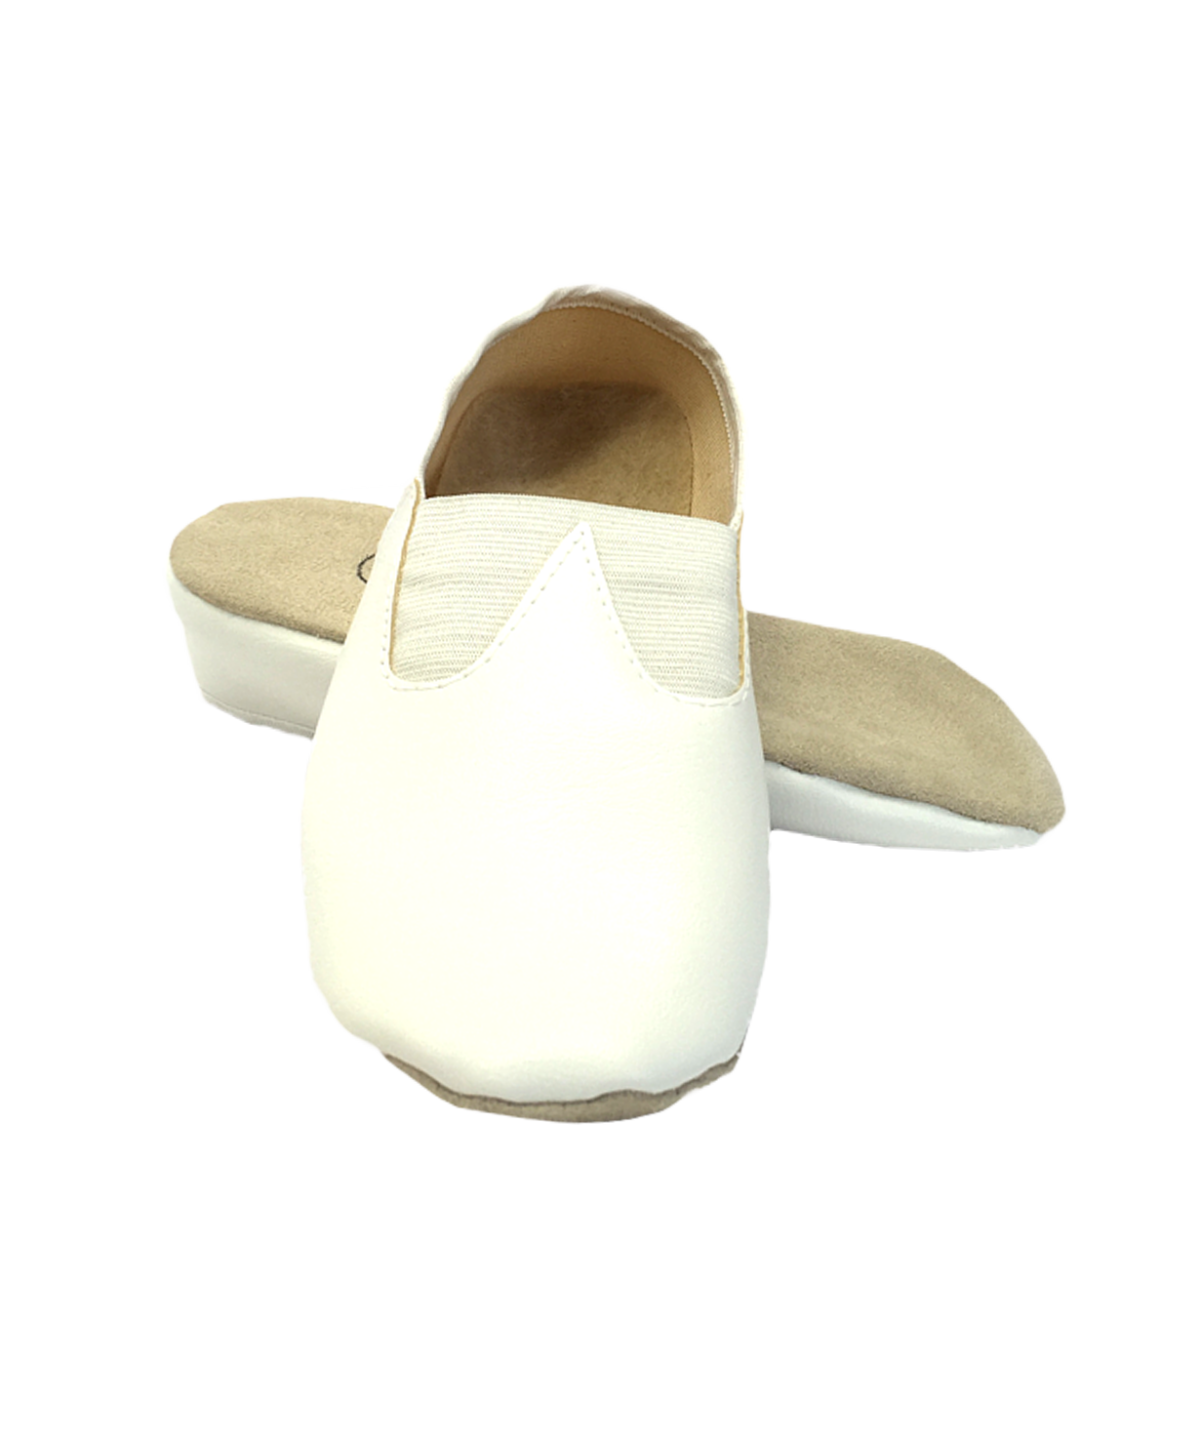 Чешки классические кожзам  2833: белый - 1